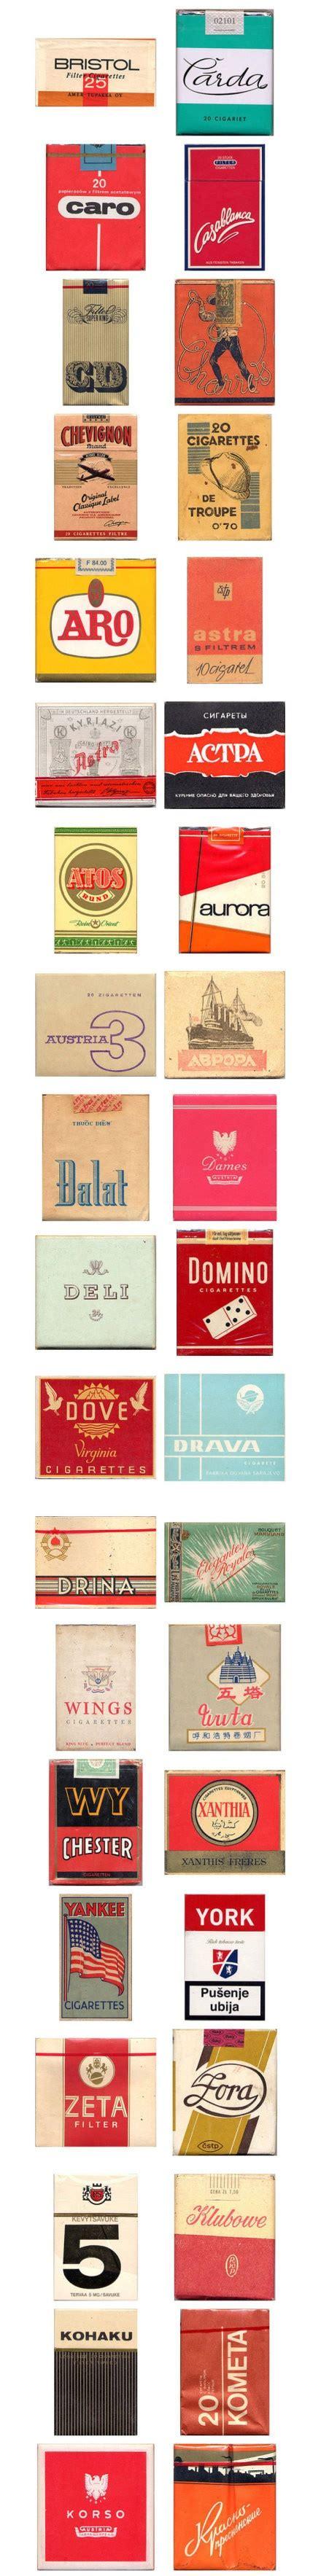 Origami Cigarette Box - 25 best ideas about cigarette box on